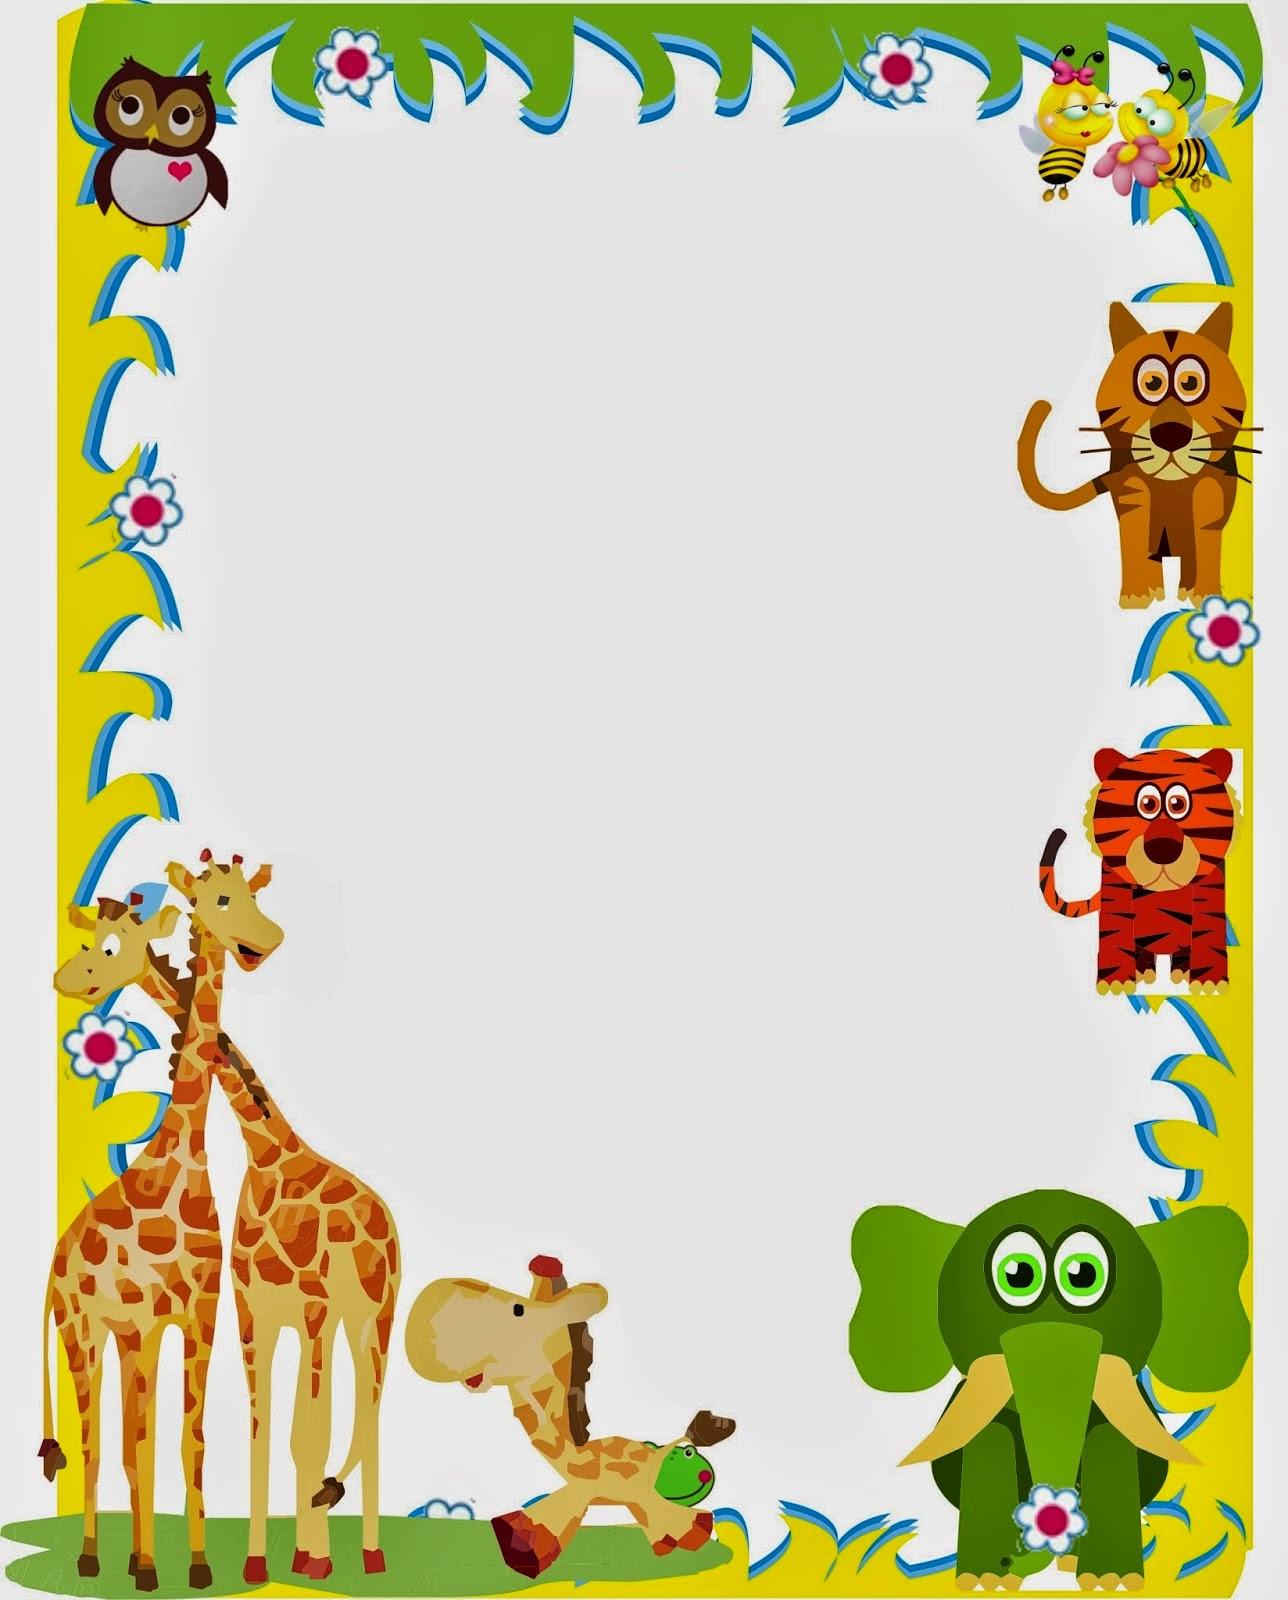 Caratulas para Cuadernos y Trabajos: Caratula para cuadernos niños de